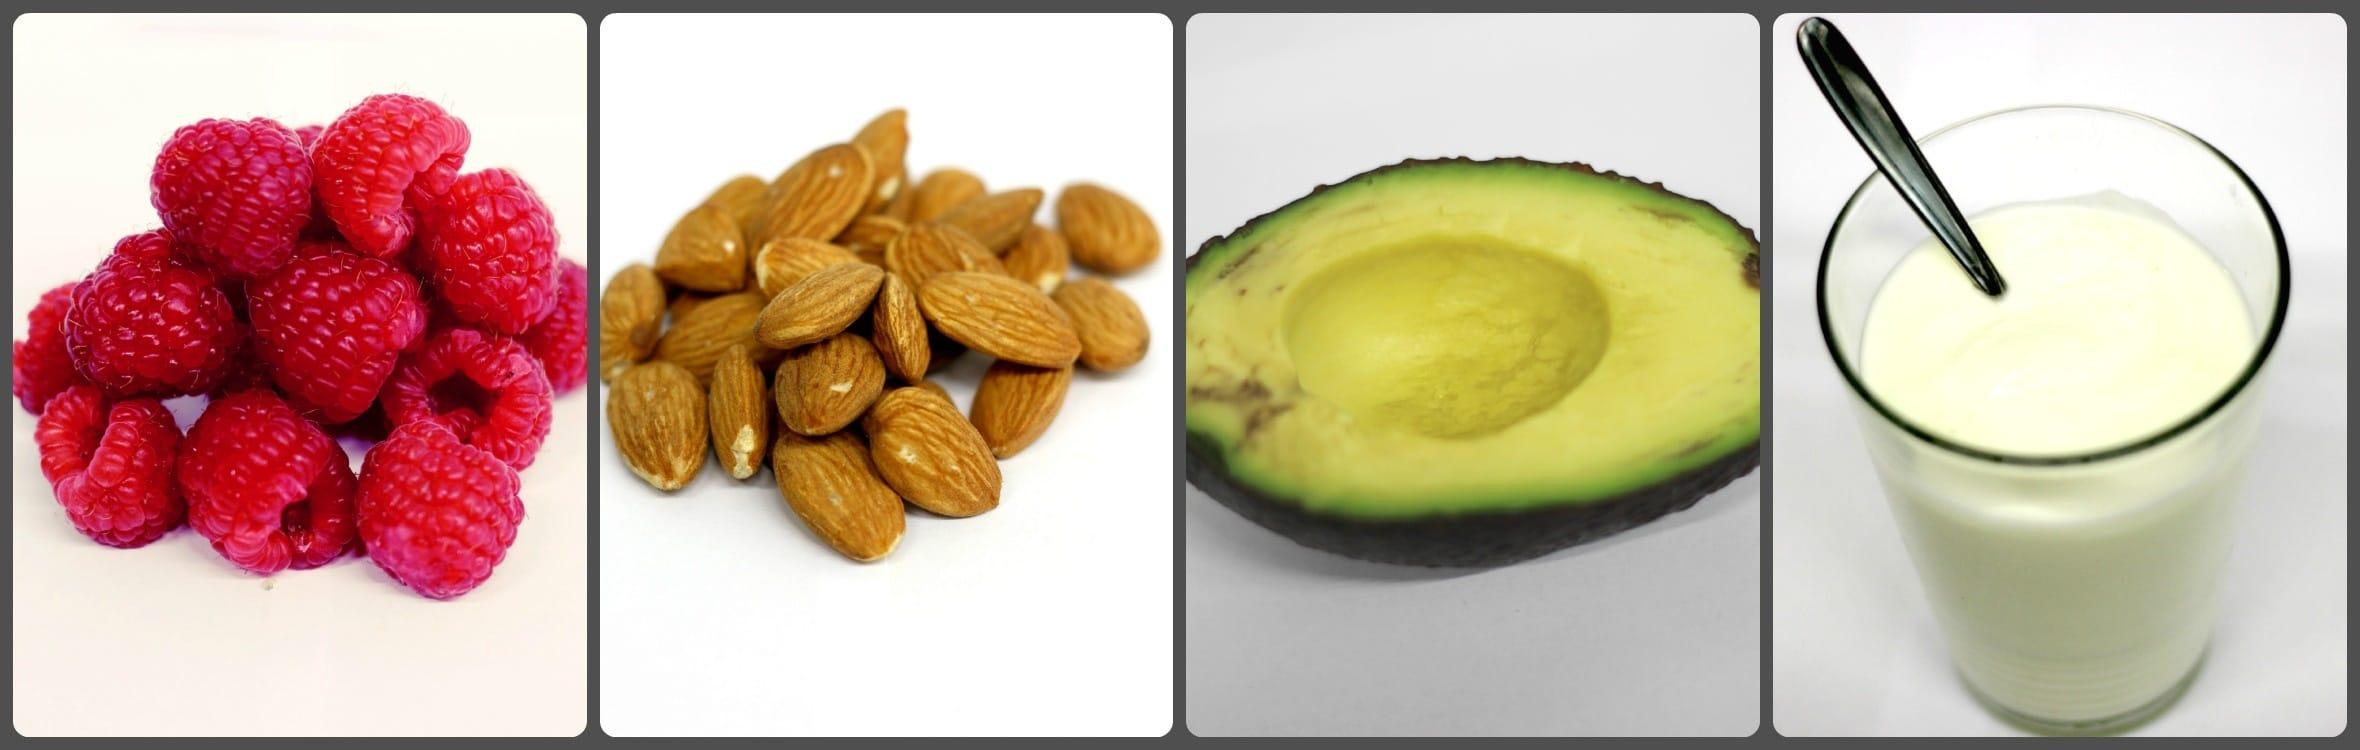 Essens-Tipps für einen flachen Bauch